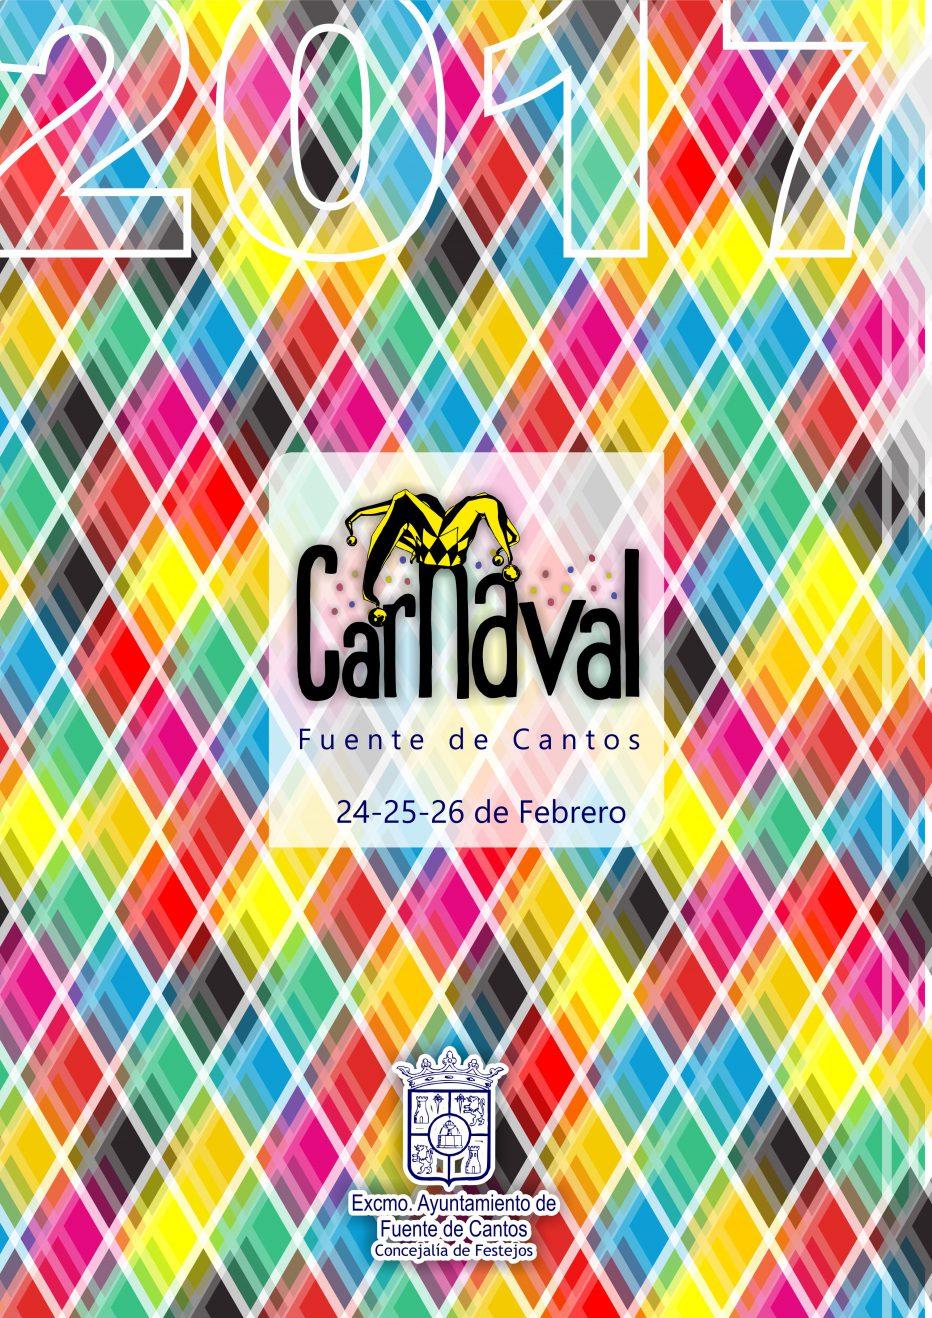 Carnaval de Fuente de Cantos 2017